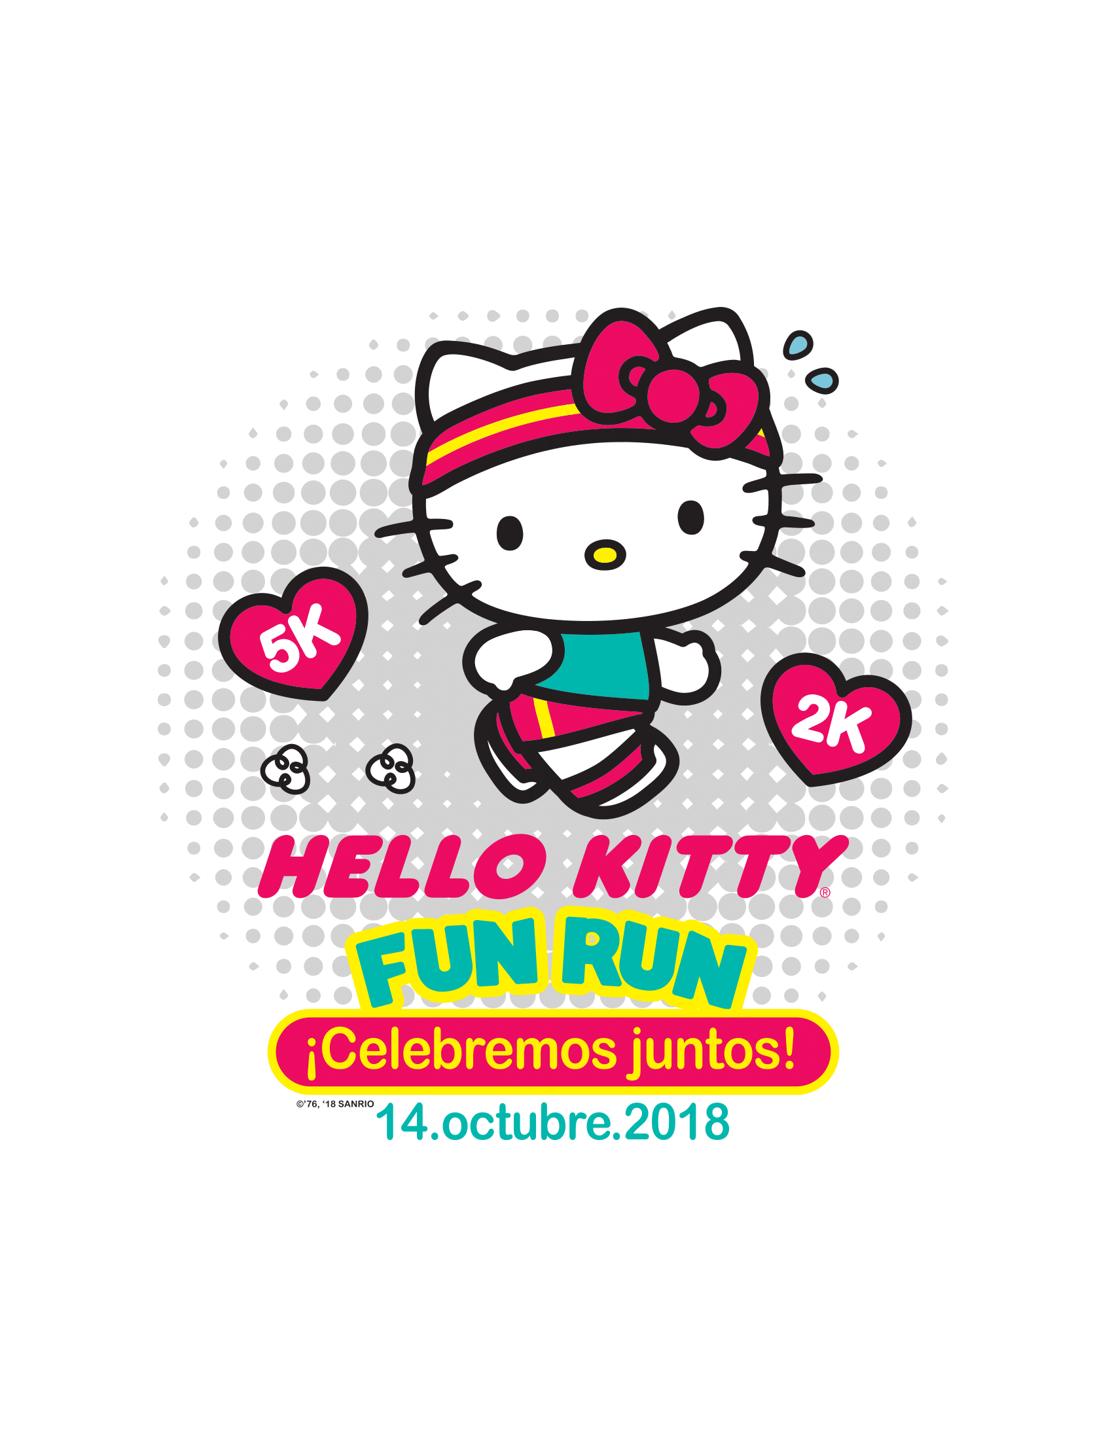 ¡Habrá más lugares para disfrutar la Gran Carrera Hello Kitty!